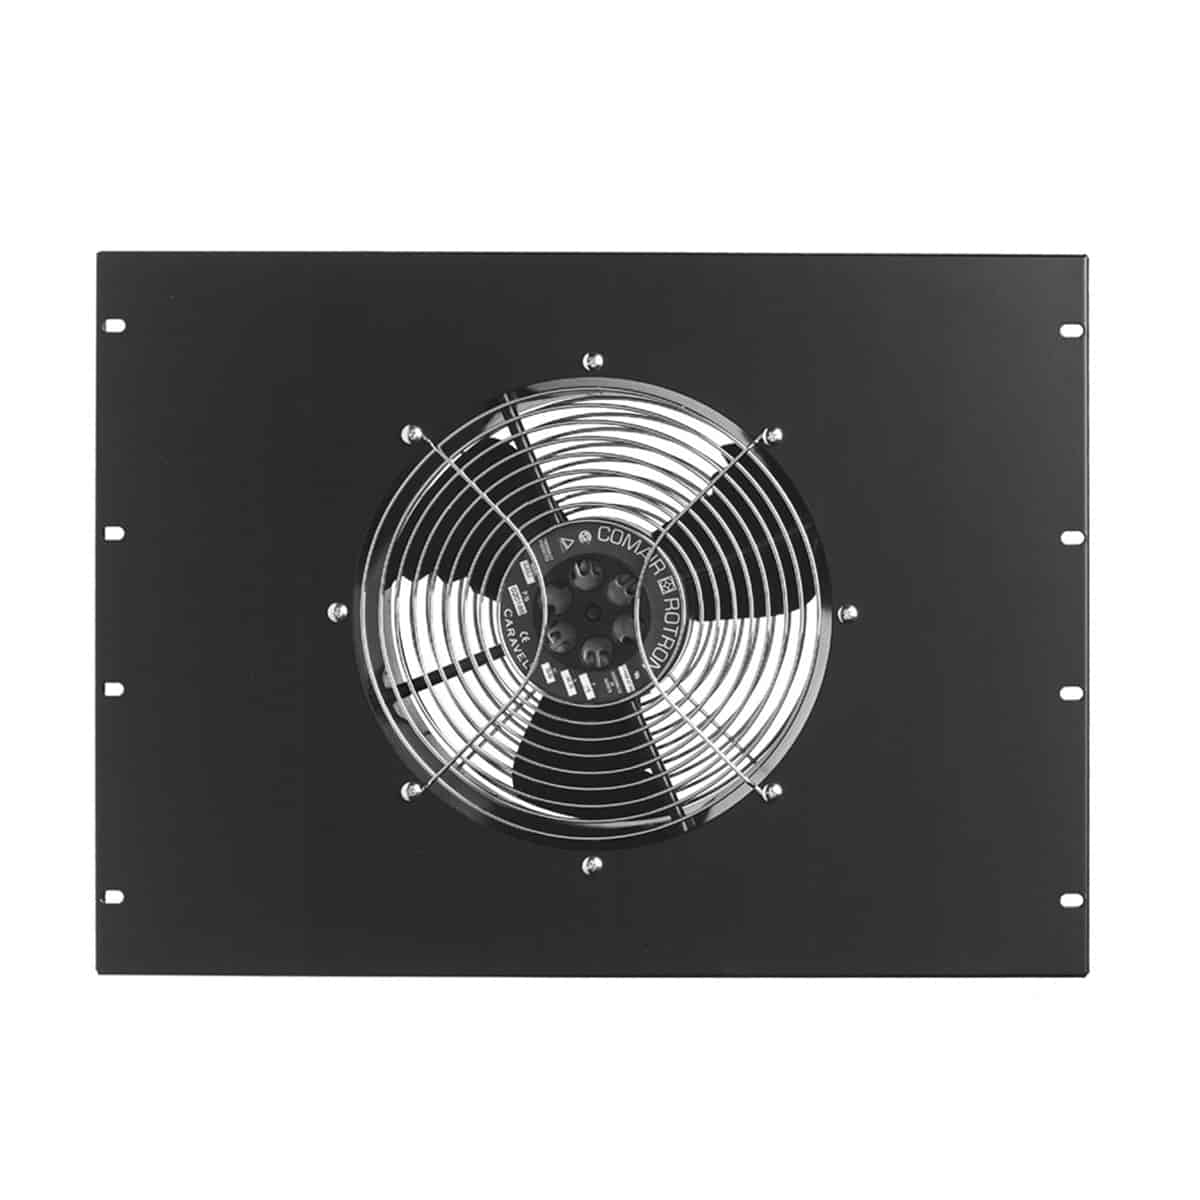 rack fan